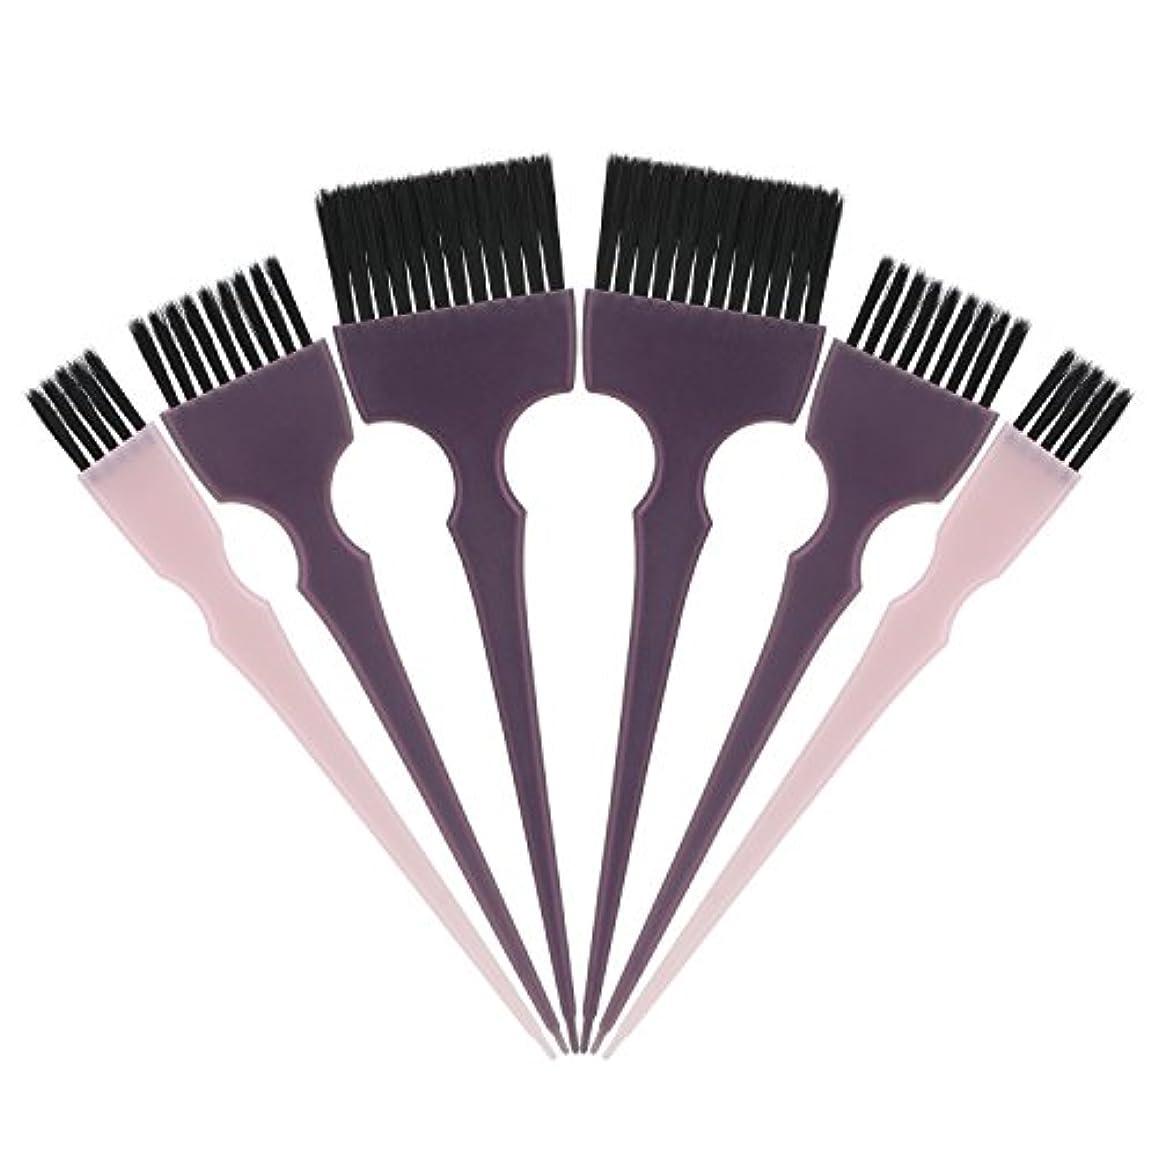 人気の防ぐ拮抗するSegbeauty 髪染めのブラシ 六本のセット サロンの美髪用 プロのヘアカラーリング用